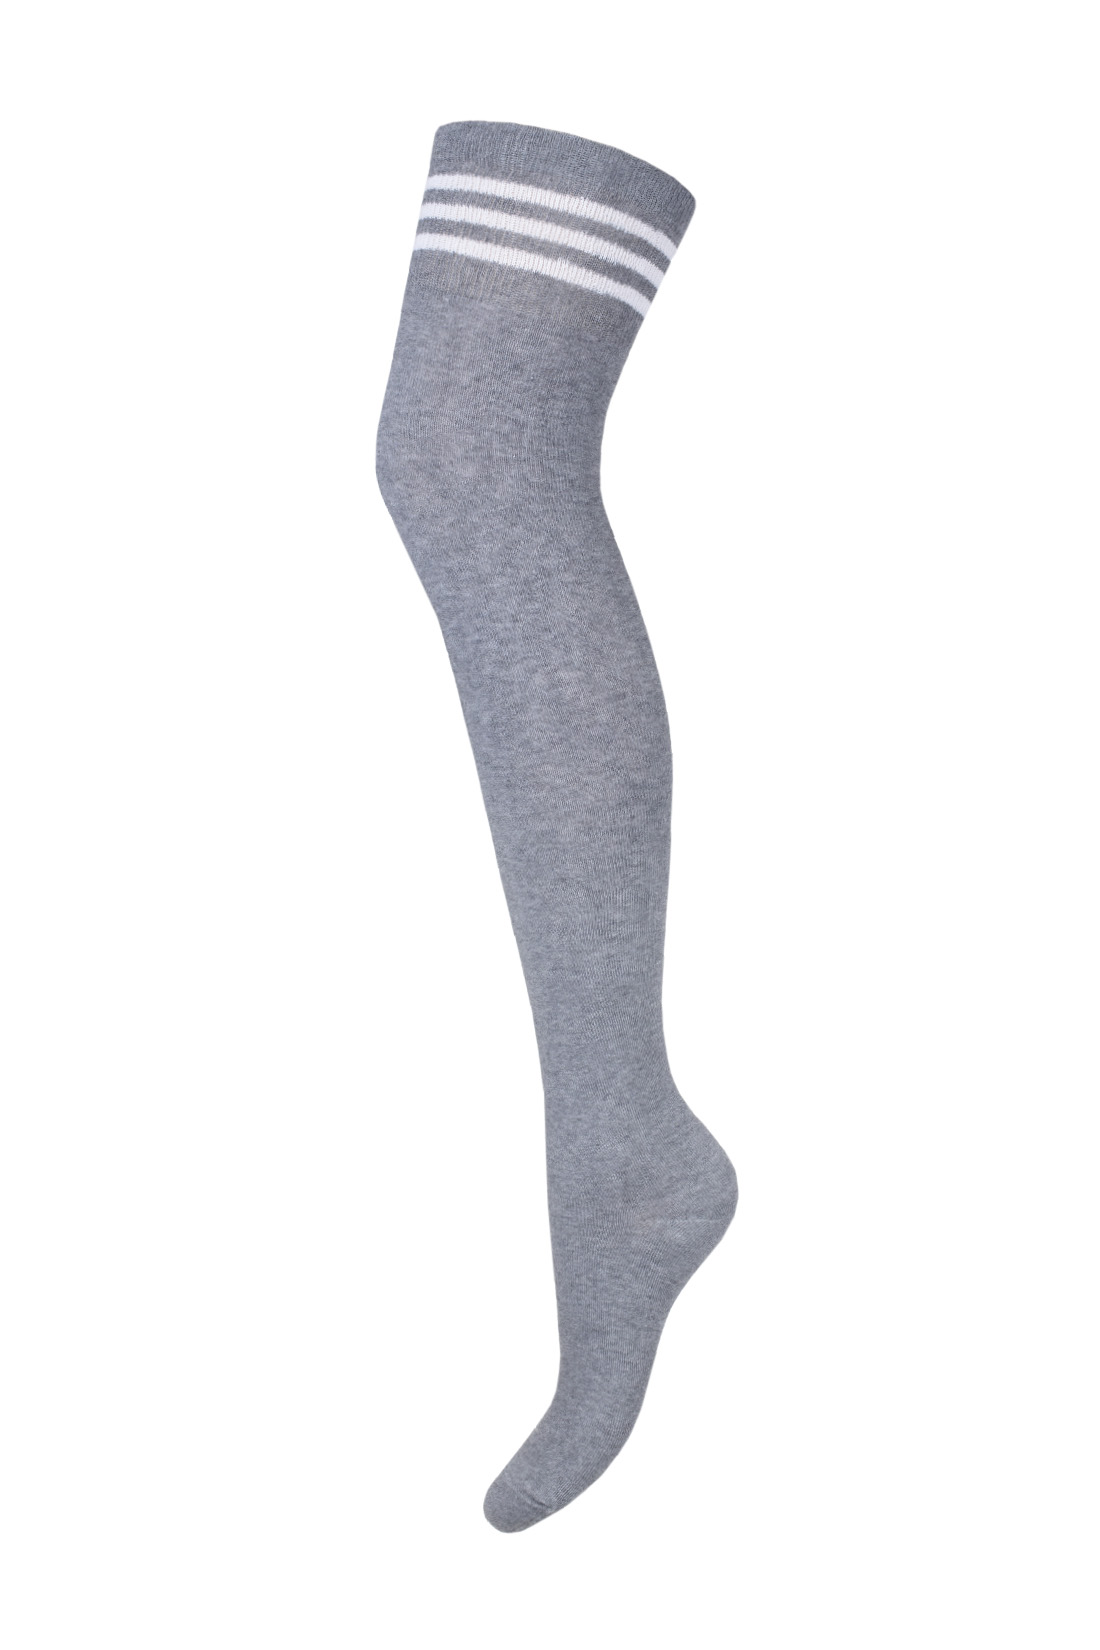 Zakolanówki damskie bawełniane szare ze ściągaczem w białe paski